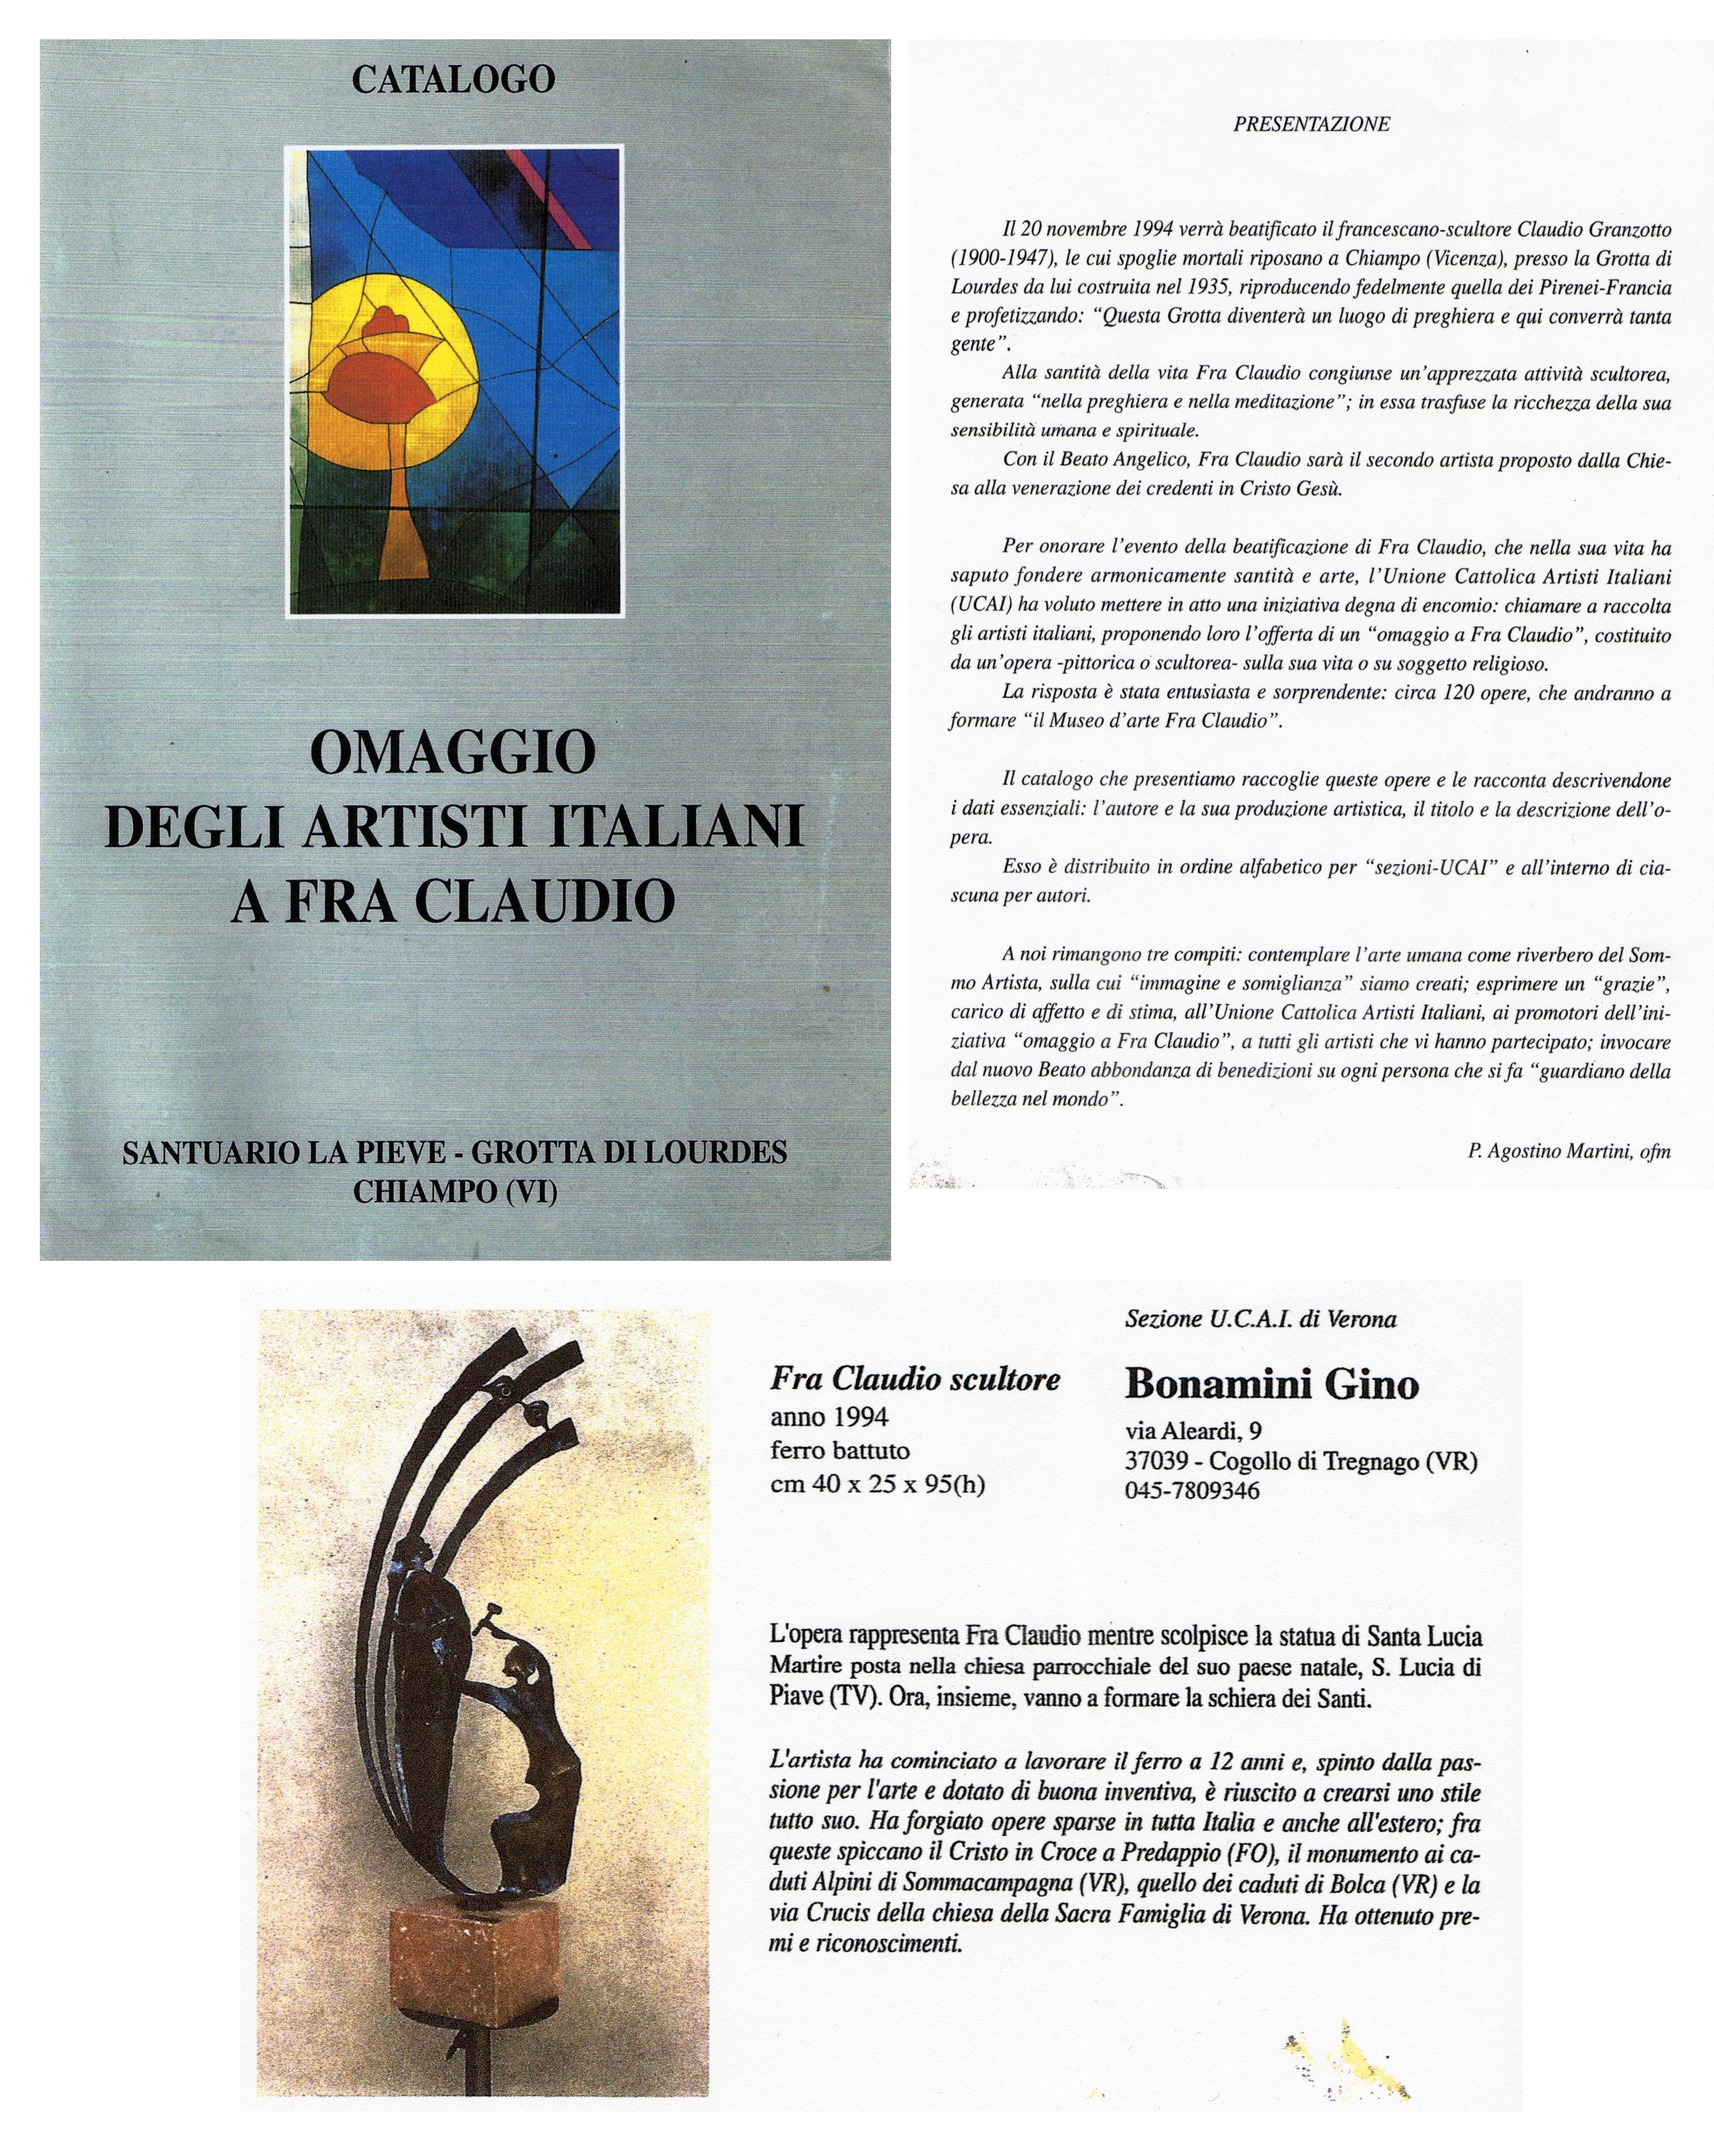 1994 - Catalogo omaggio degli Artisti Italiani a Fra' Claudio + Presentazione + Descrizione dell'opera